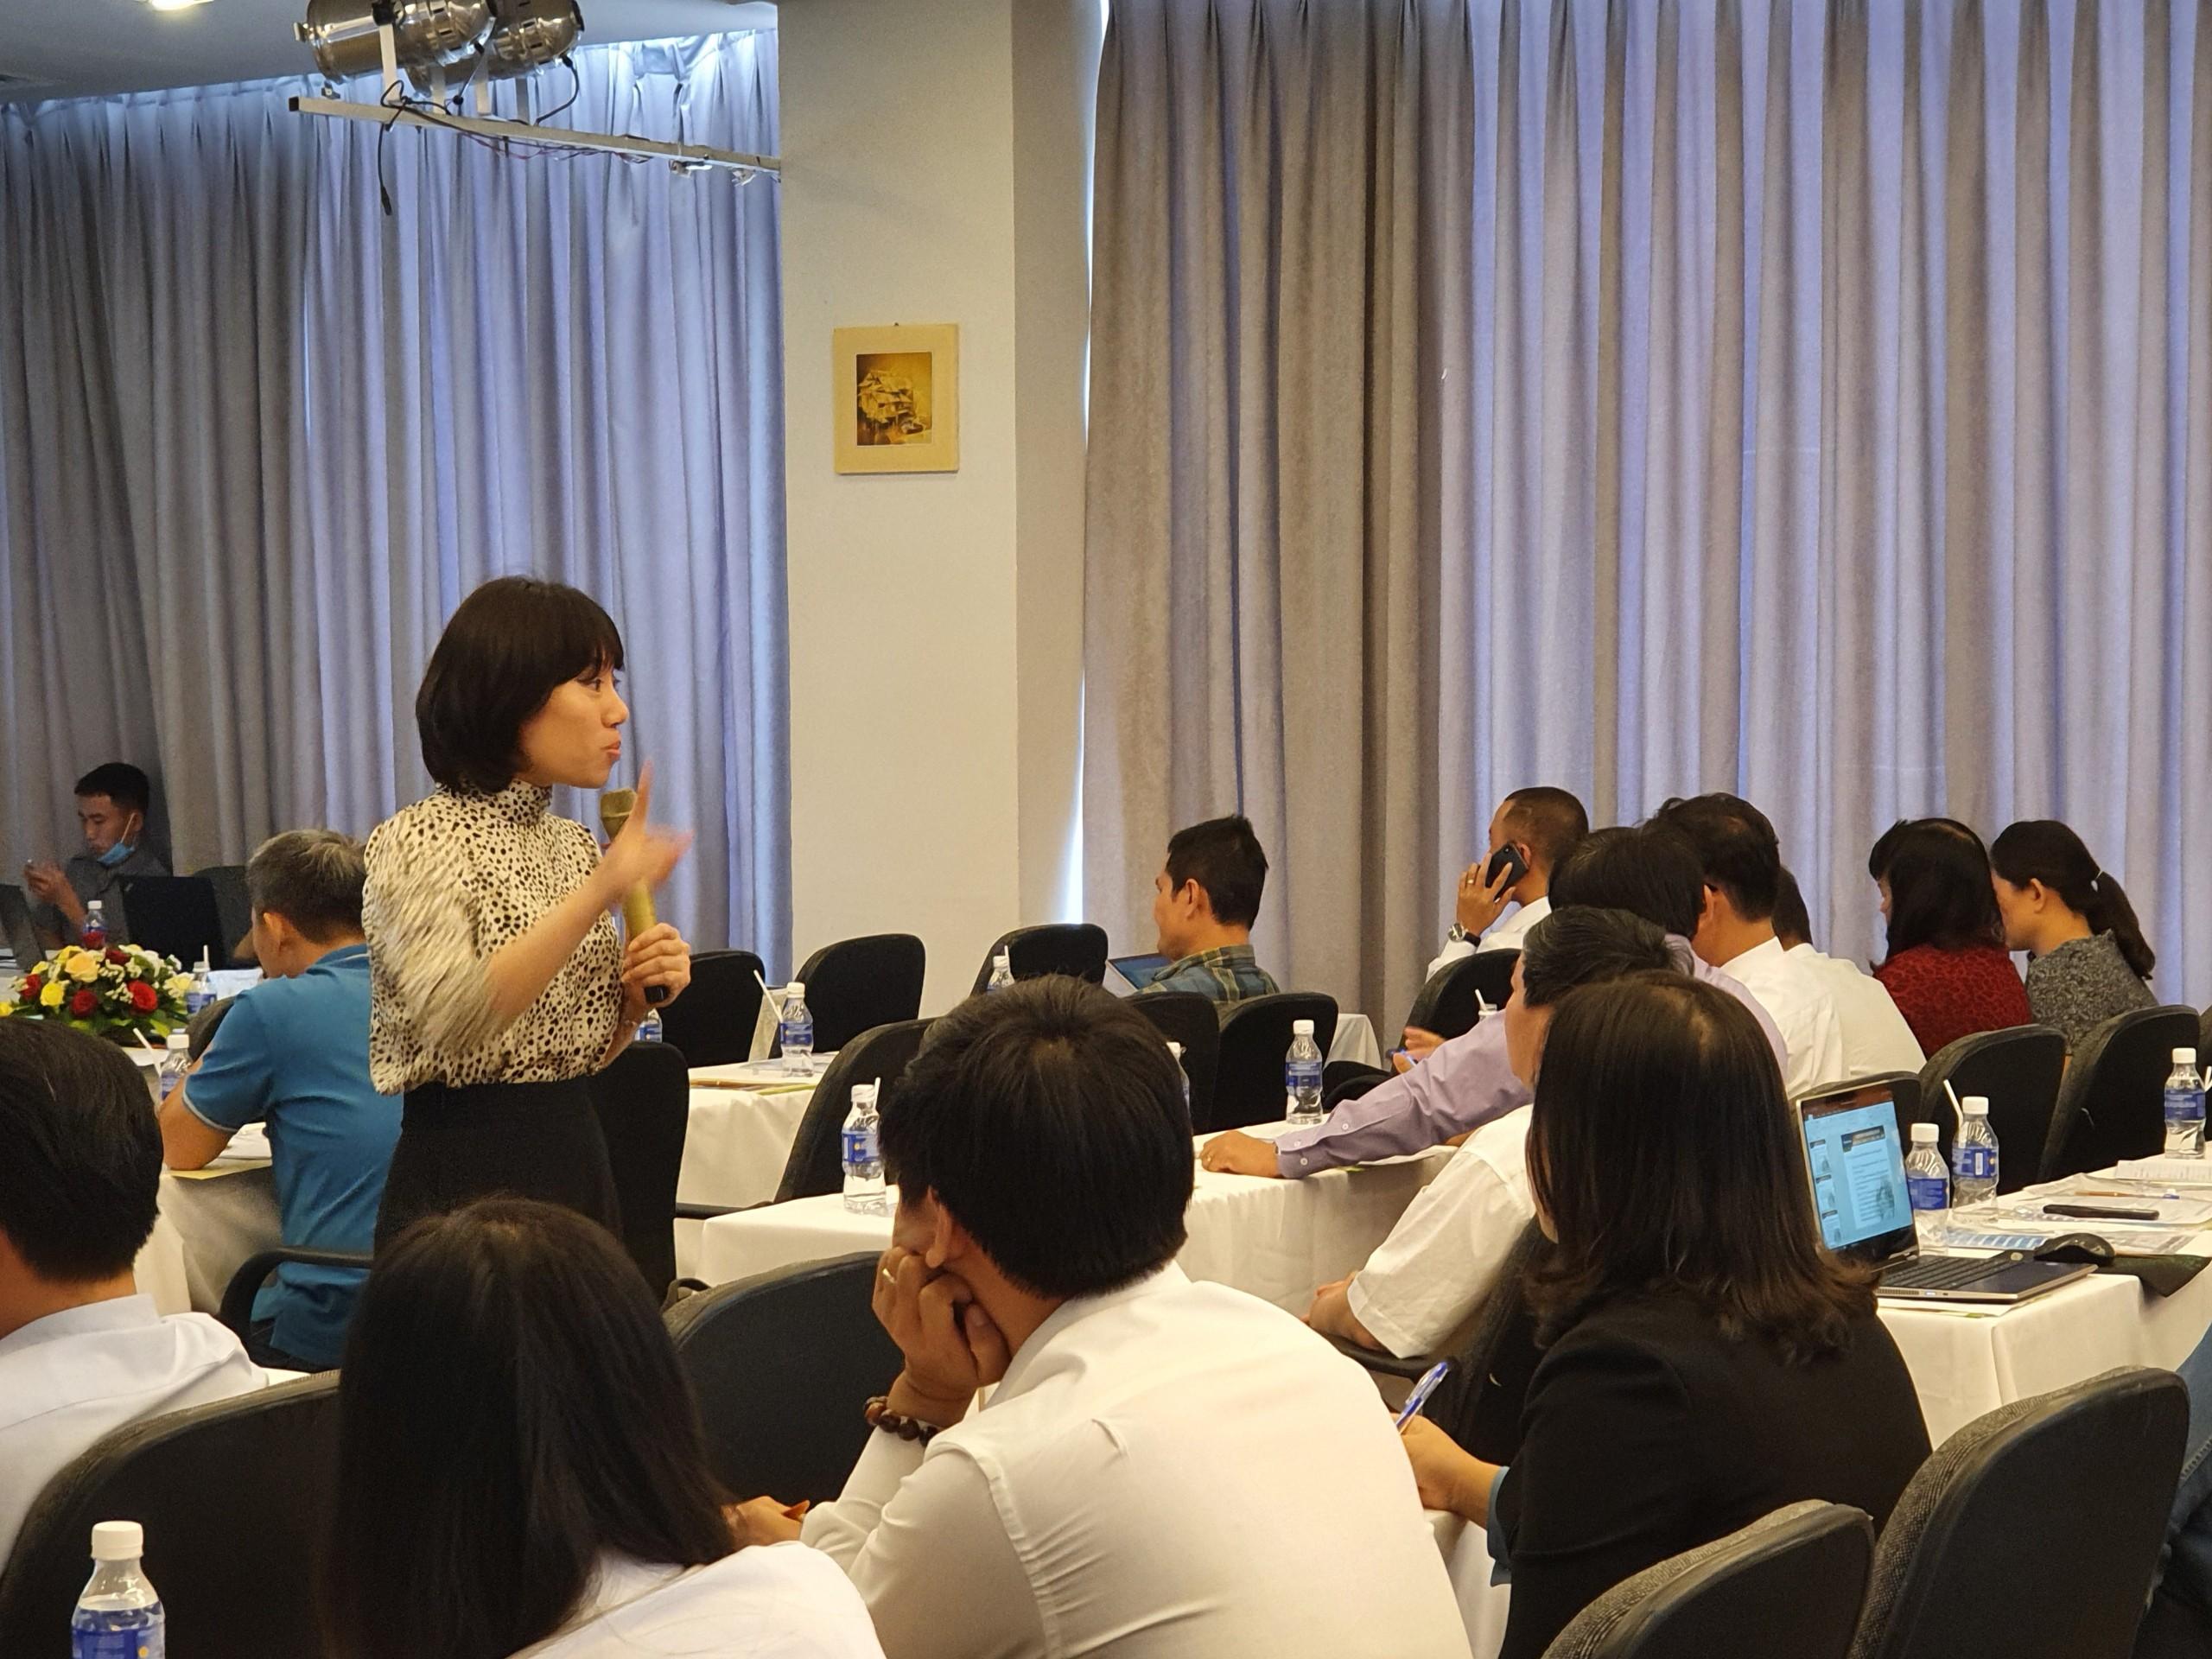 Tập huấn nghiệp vụ cho cán bộ công đoàn ngành Thông tin và Truyền thông Việt Nam năm 2021